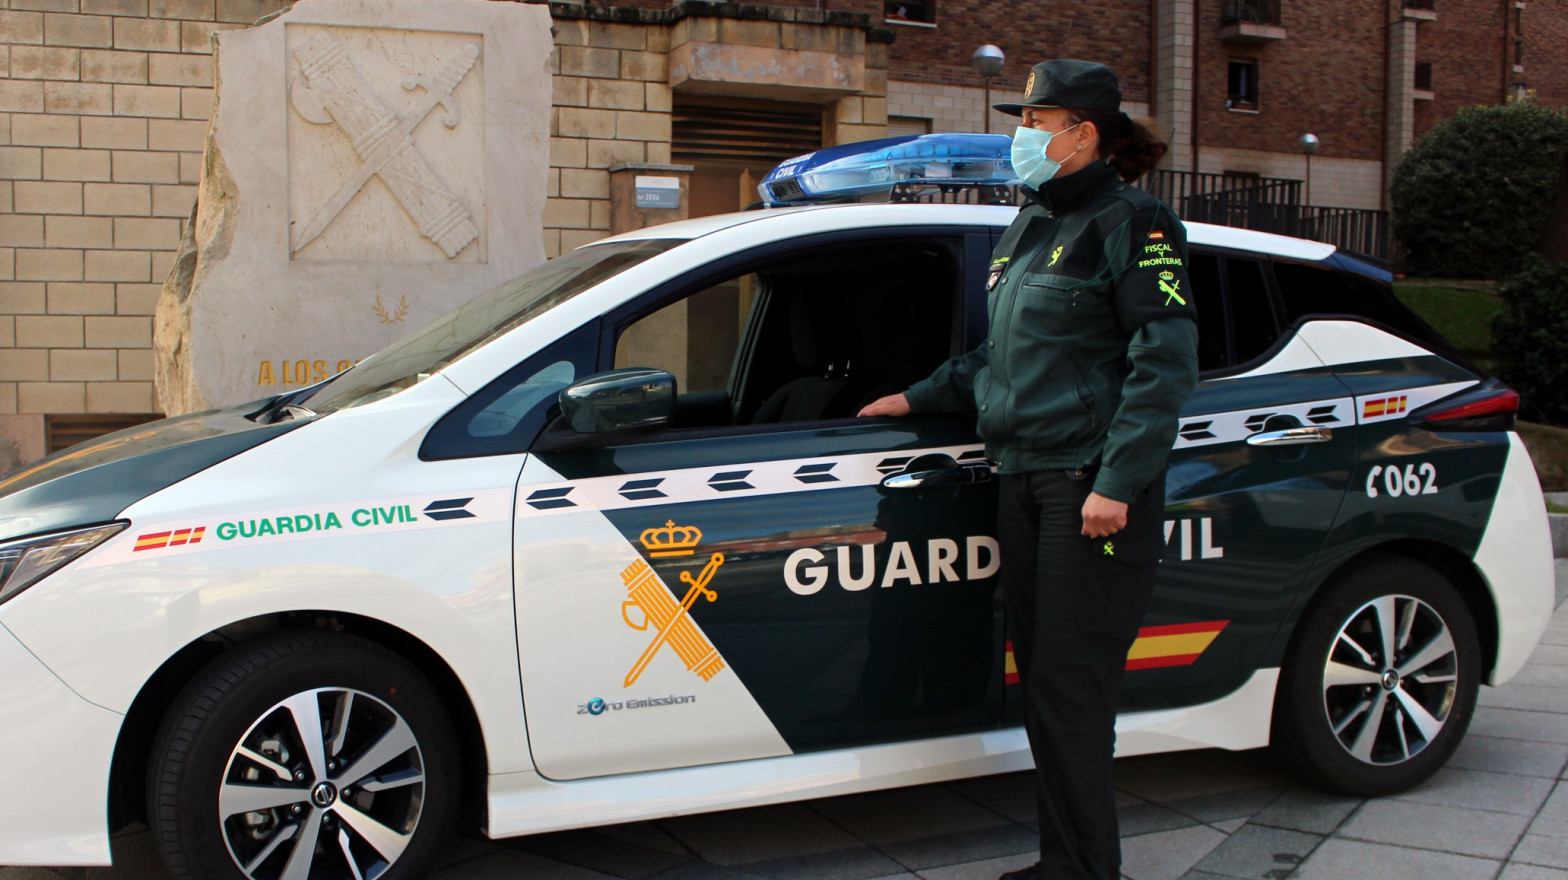 Hallan muerta con un golpe en la cabeza a una mujer de 80 años en Cerceda (La Coruña)